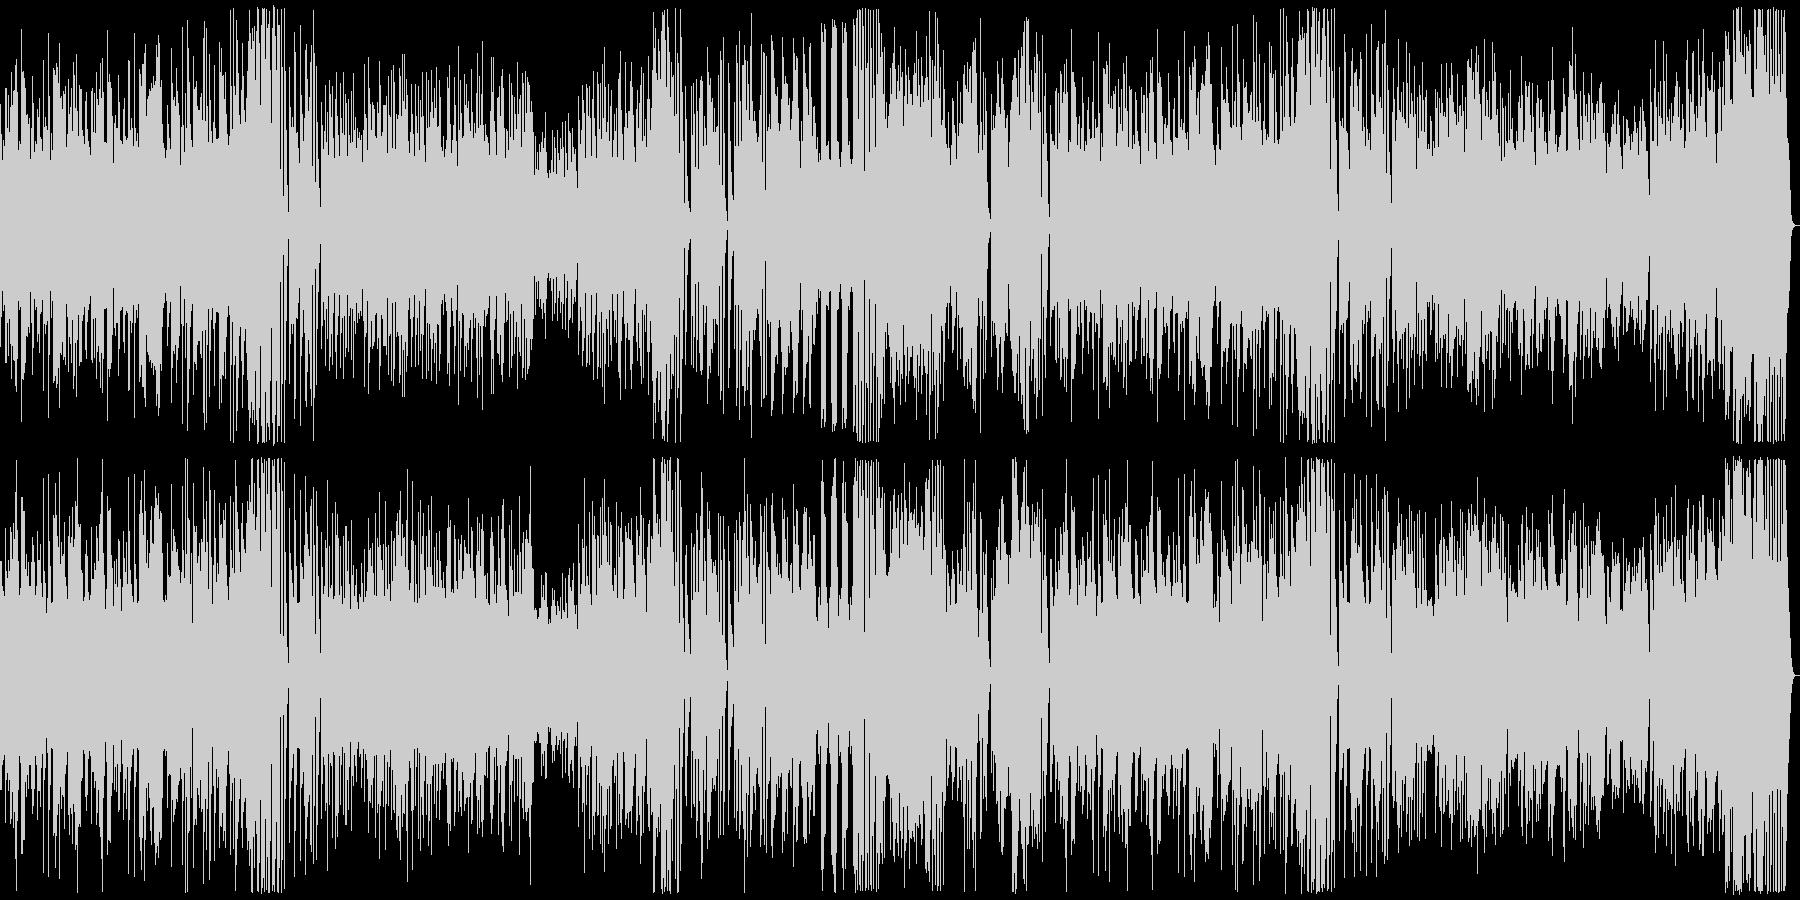 18世紀古典派音楽の様式のピアノソナタ…の未再生の波形